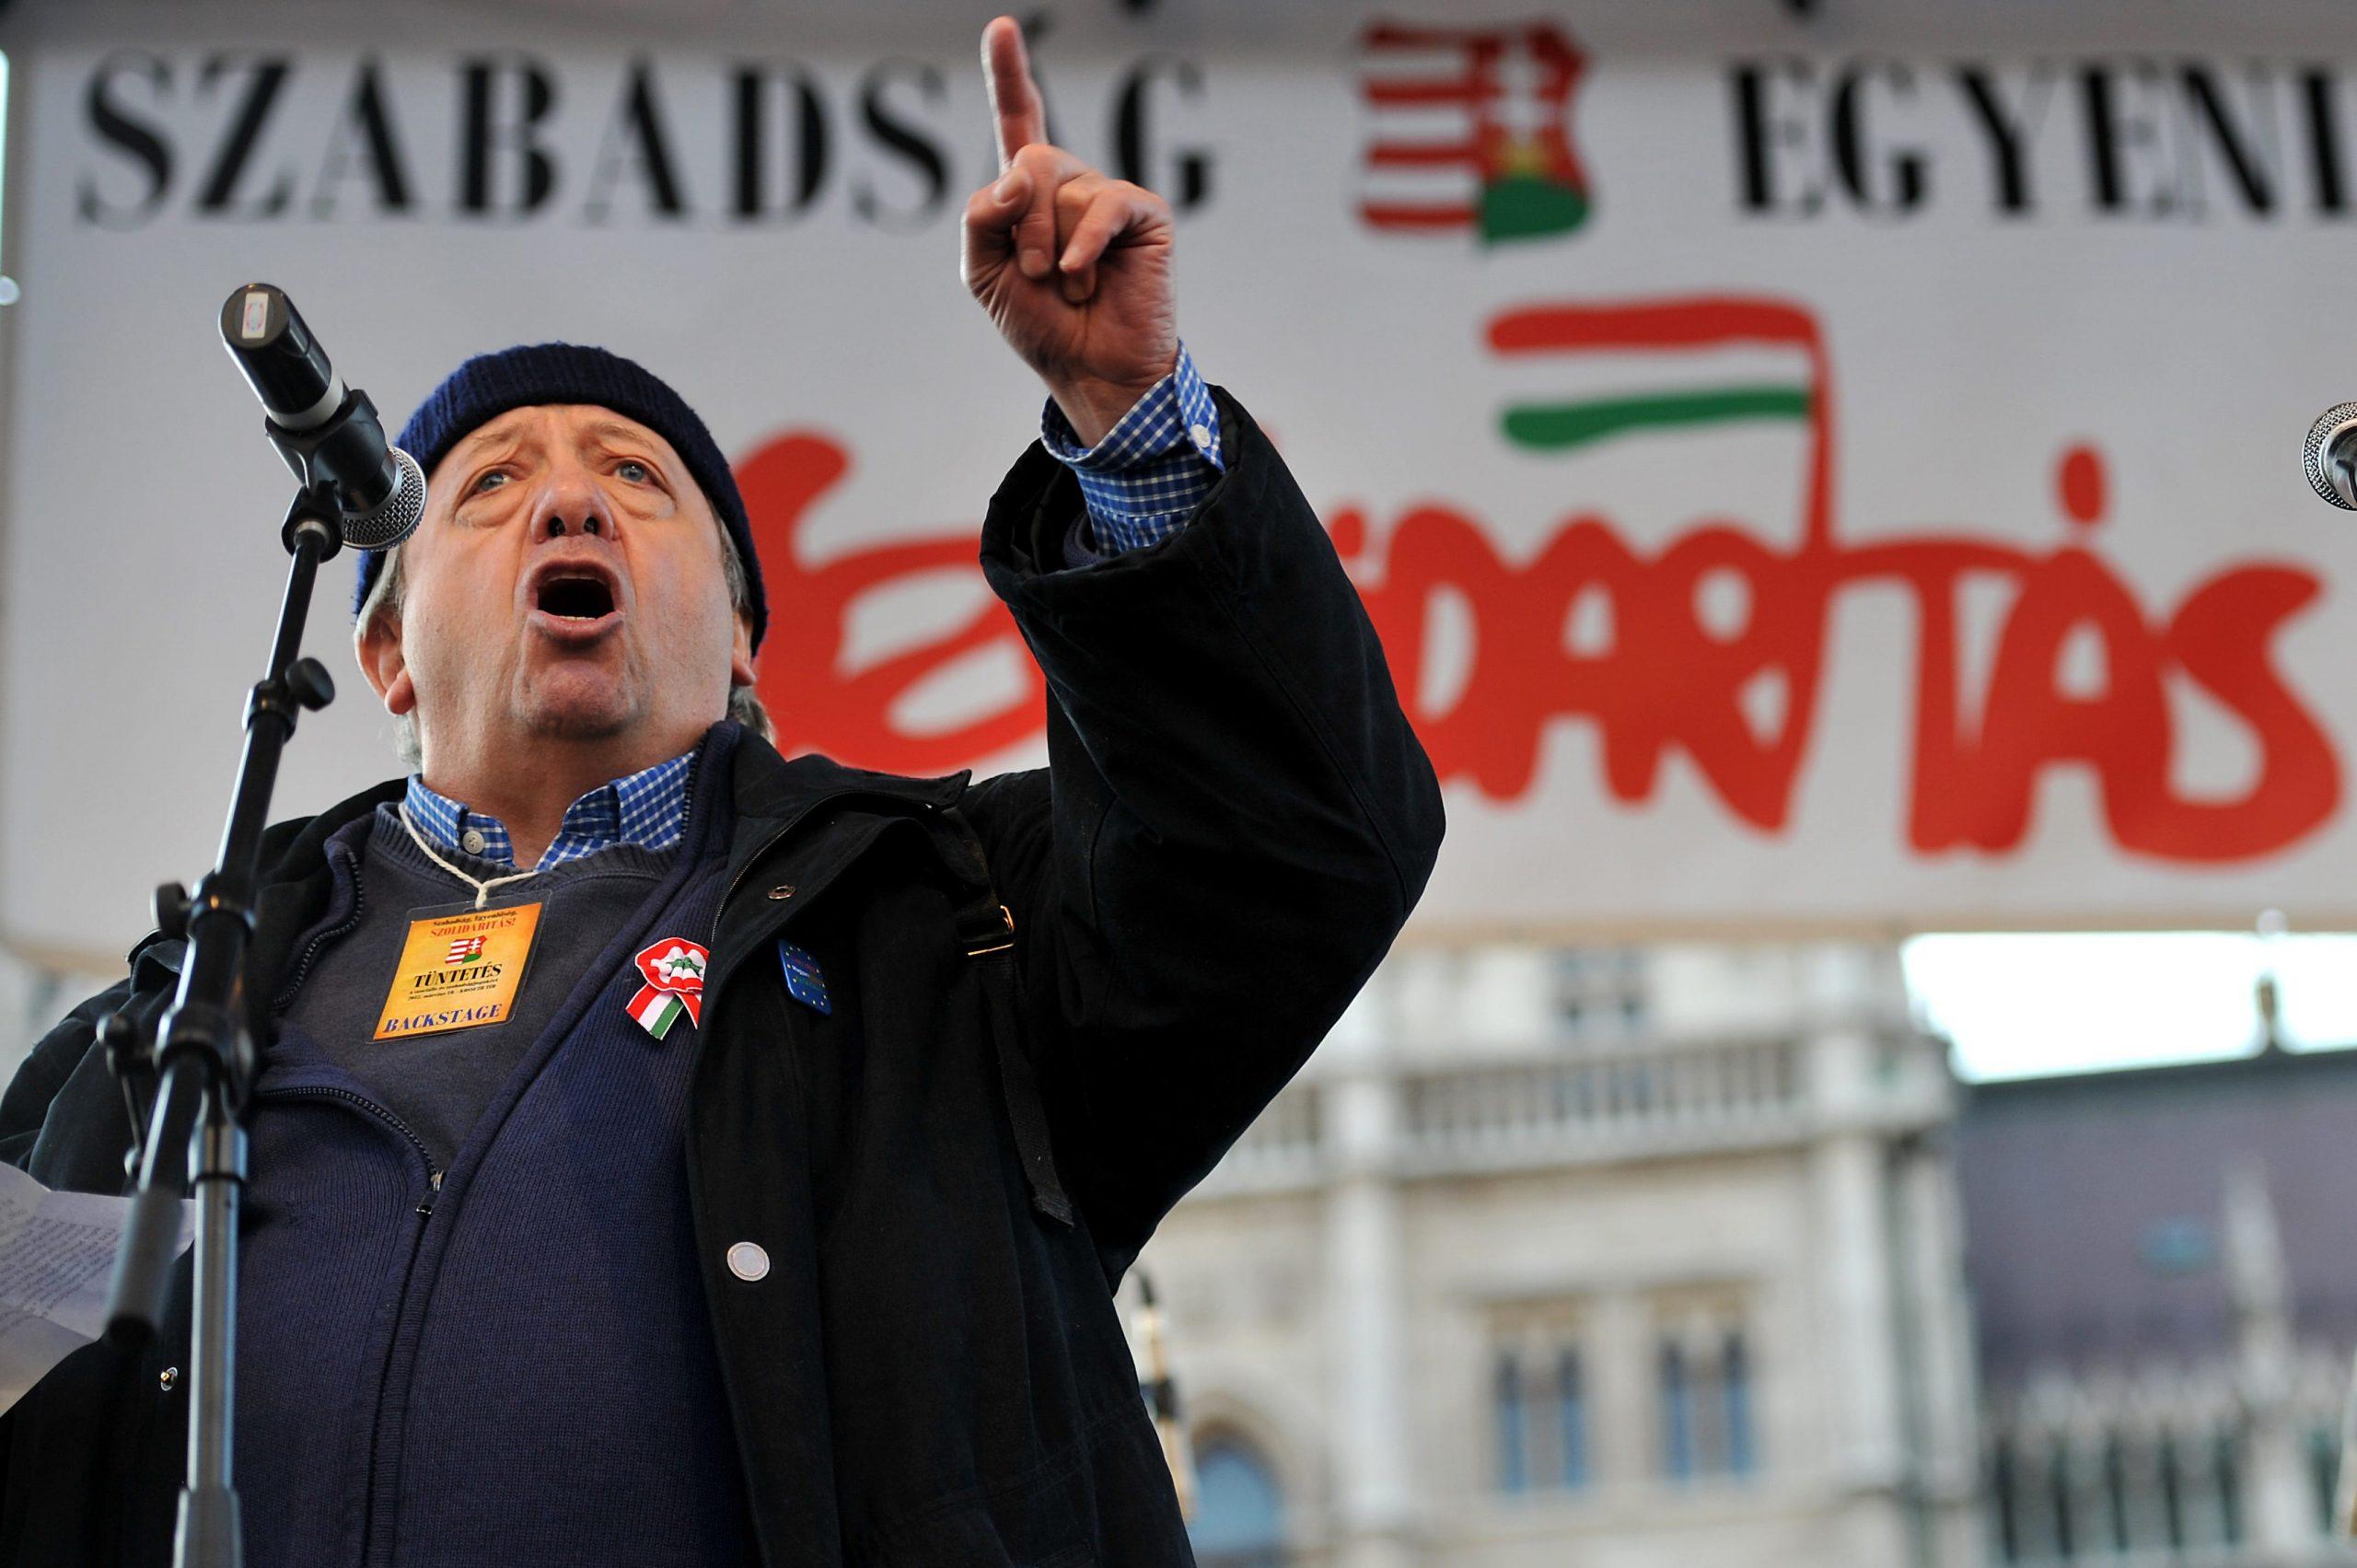 Kornis Mihály író beszél a Magyar Szolidaritás Mozgalom Együtt egy új köztársaságért! címmel megrendezett demonstrációján / Fotó: MTI